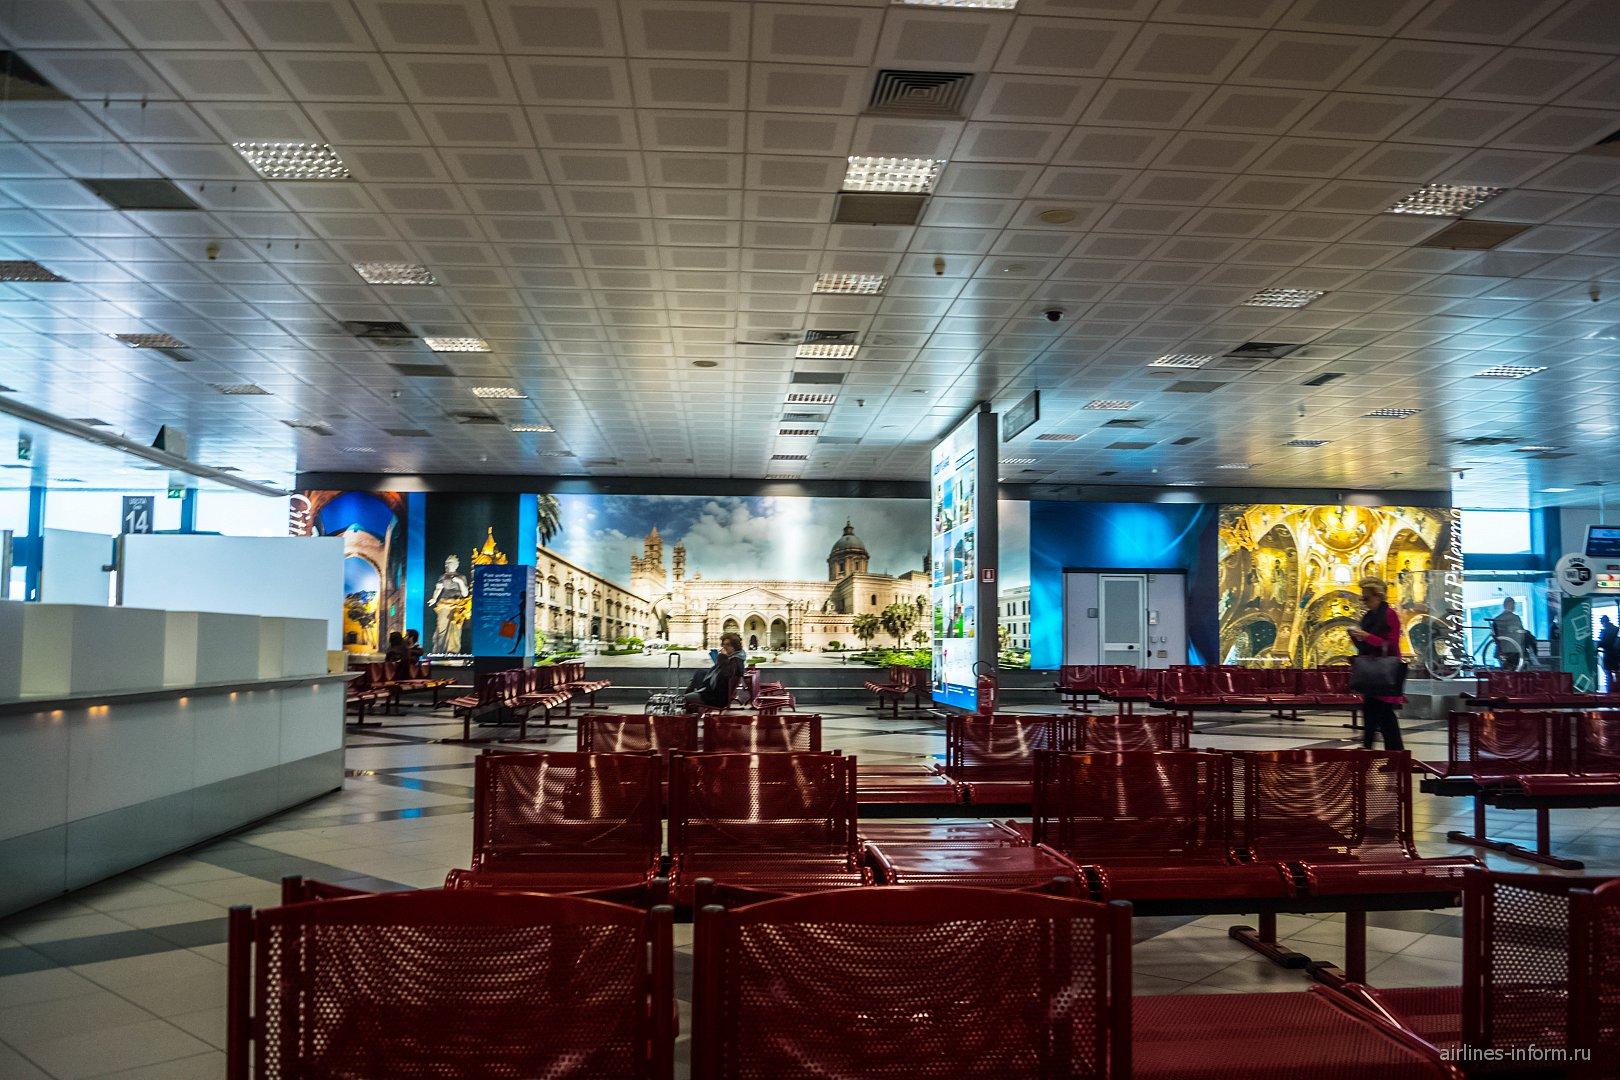 Зал ожидания в чистой зоне аэропорта Палермо